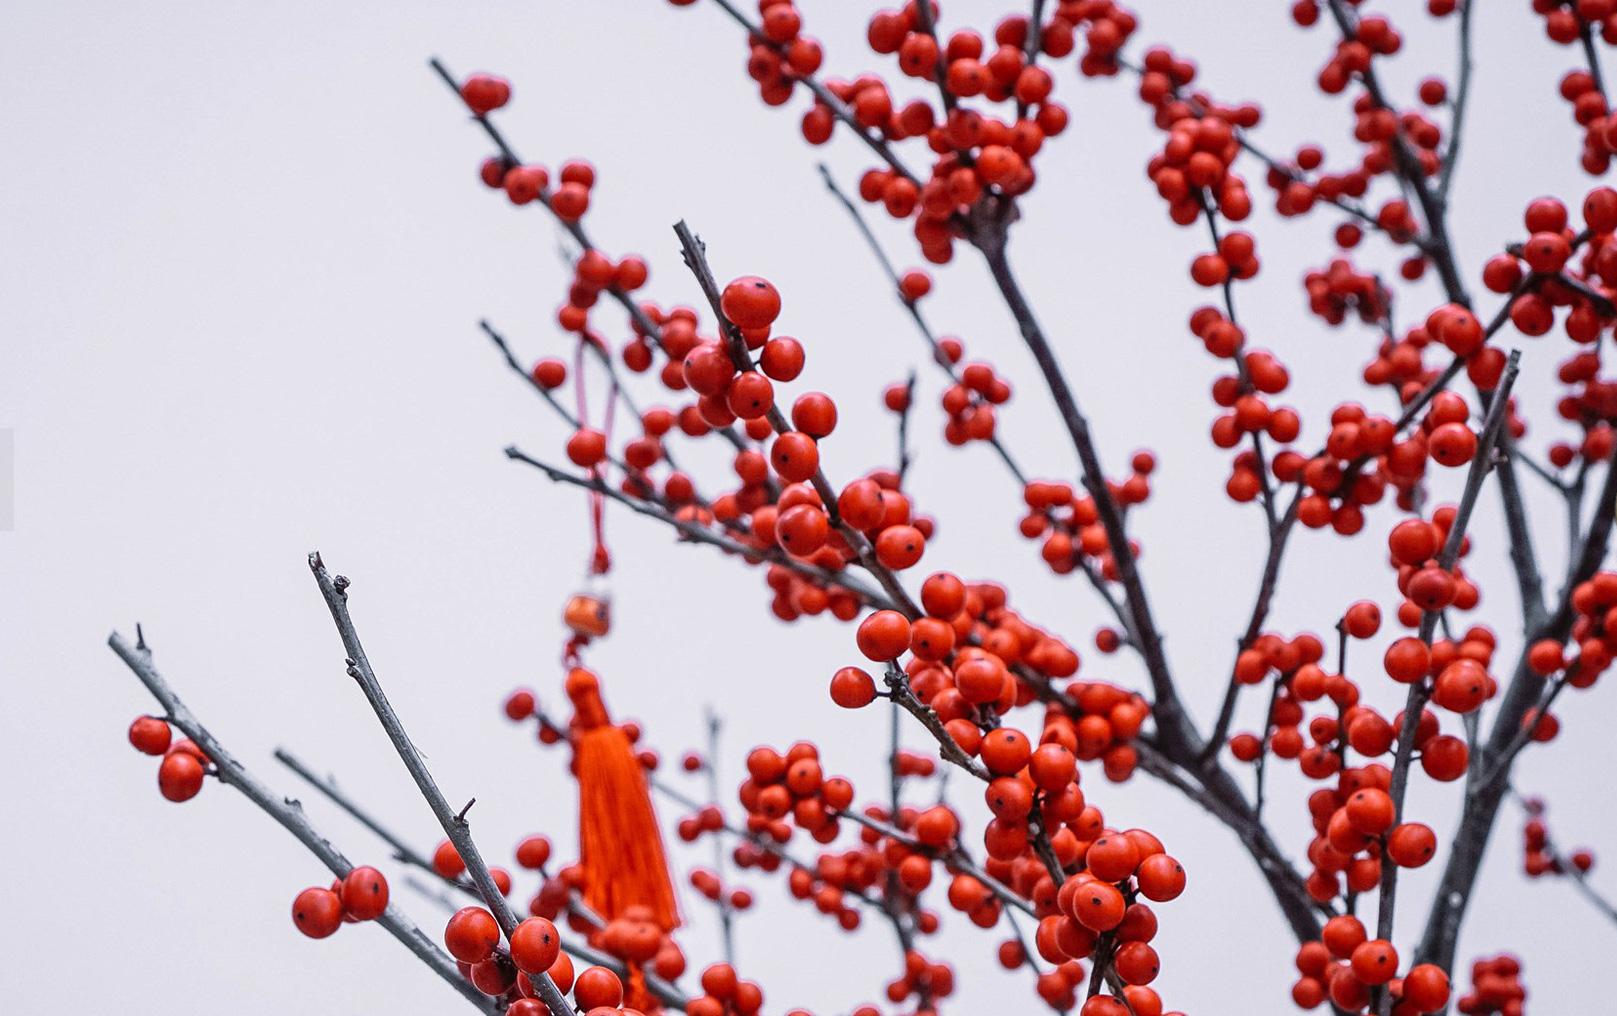 Cận cảnh đào đông nguyên chậu về Việt Nam chơi Tết, nhìn như cây giả mà đắt không tưởng - Ảnh 6.